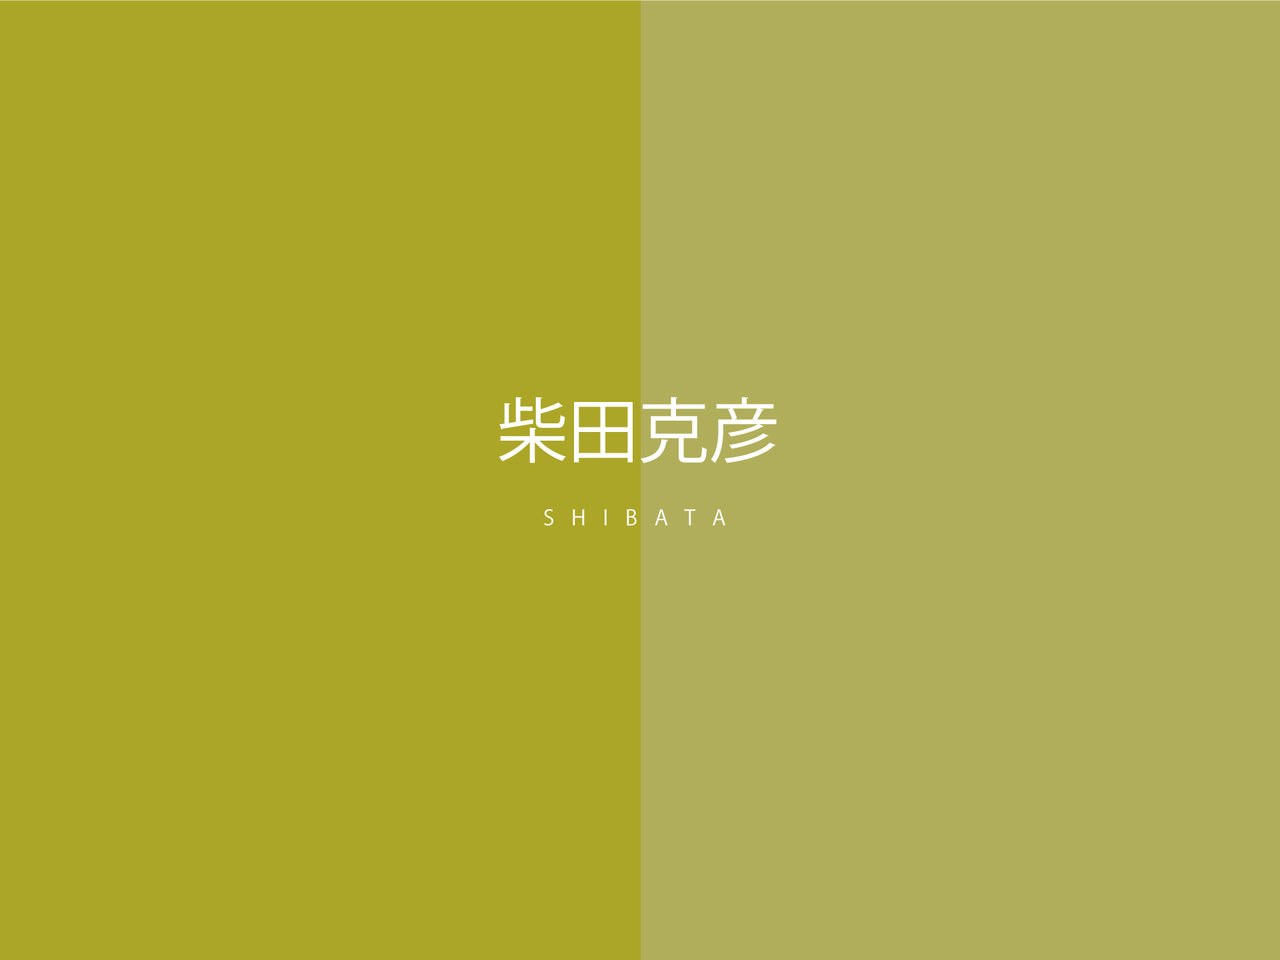 日本モーツァルト協会第614回例会 《郷古廉の深遠なる世界》 2019年12月12日 東京文化会館小ホール